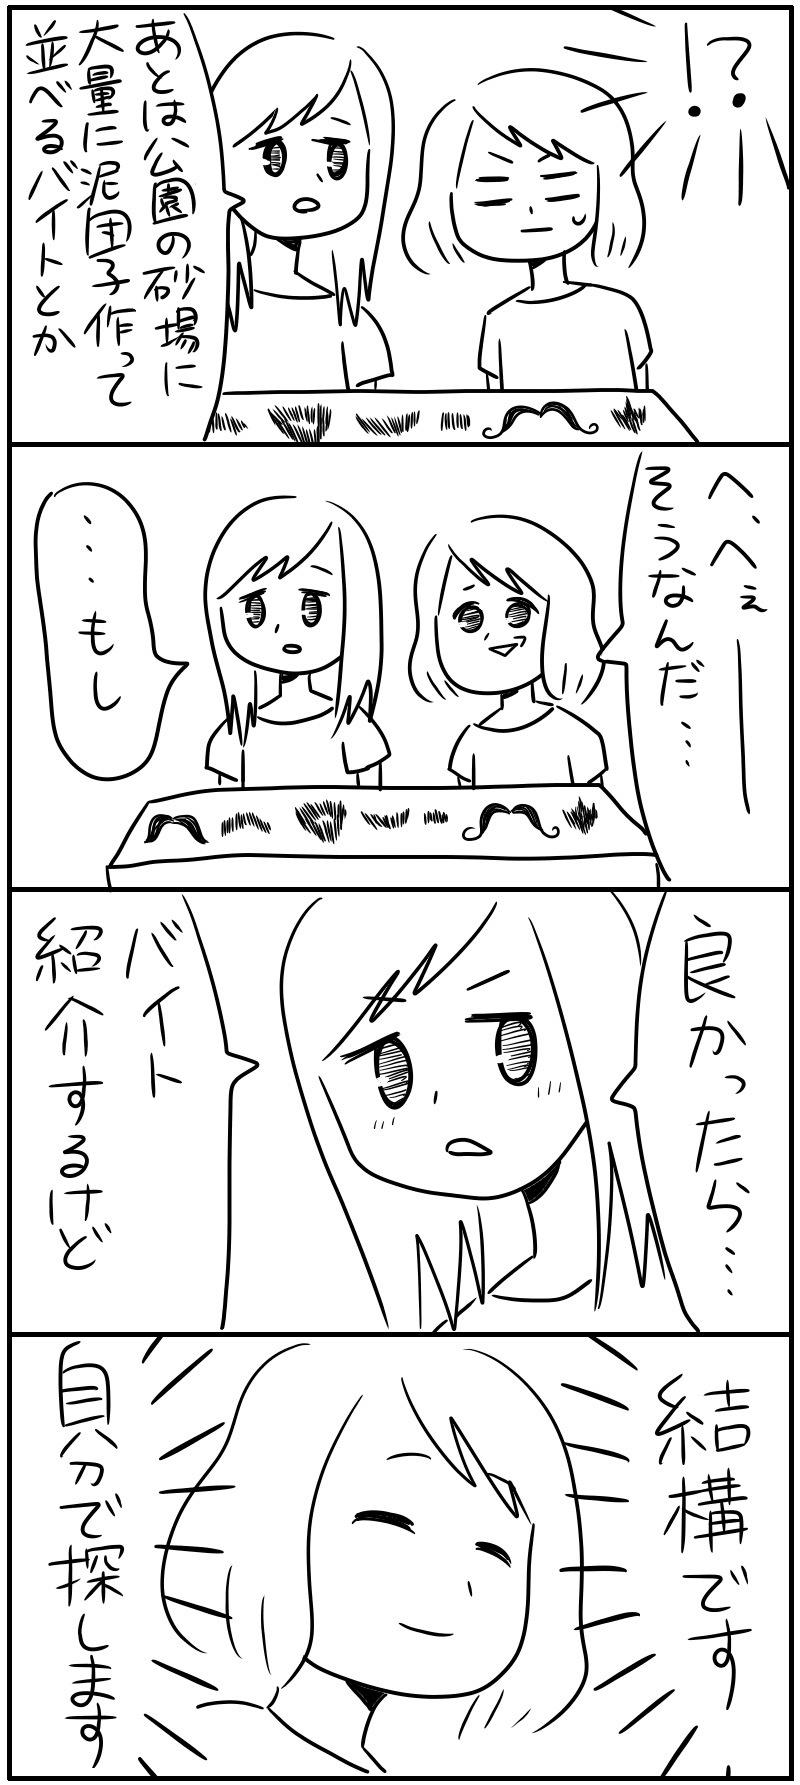 オリジナル漫画「アルバイター中川さん」_f0346353_15123320.jpeg